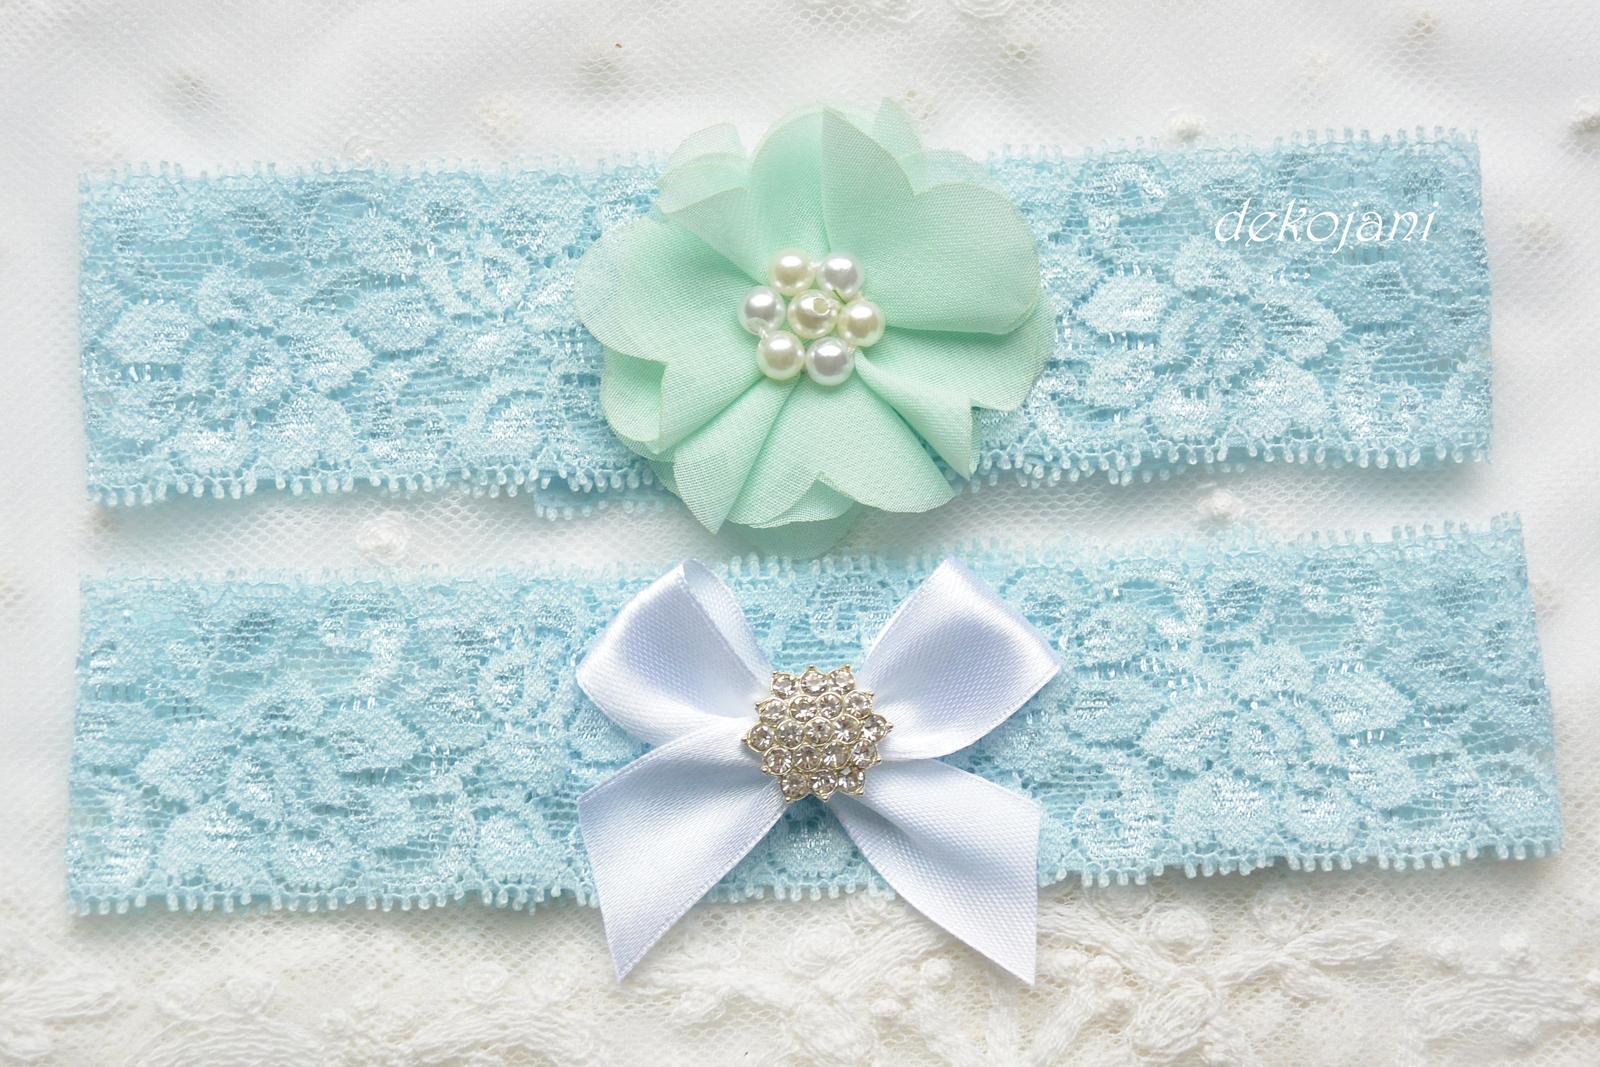 Luxusní svatební doplňky a dekorace. - Obrázek č. 30